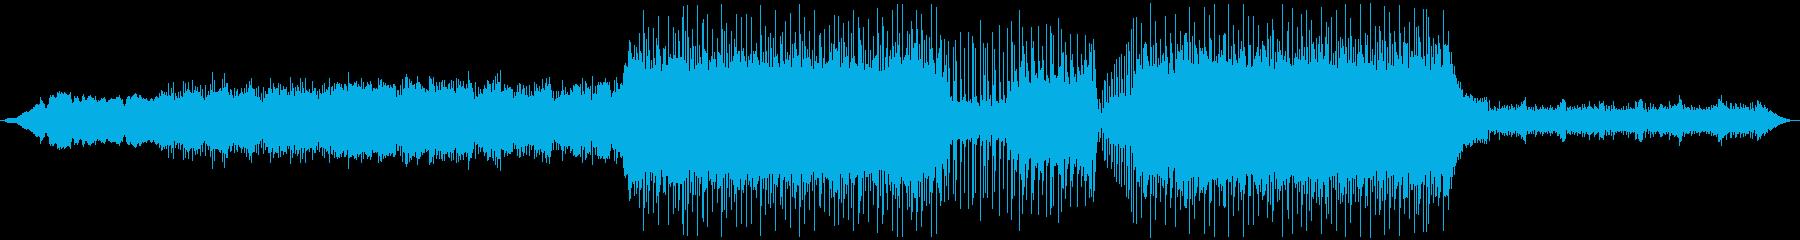 どこかに飛び立つようなイメージの楽曲の再生済みの波形